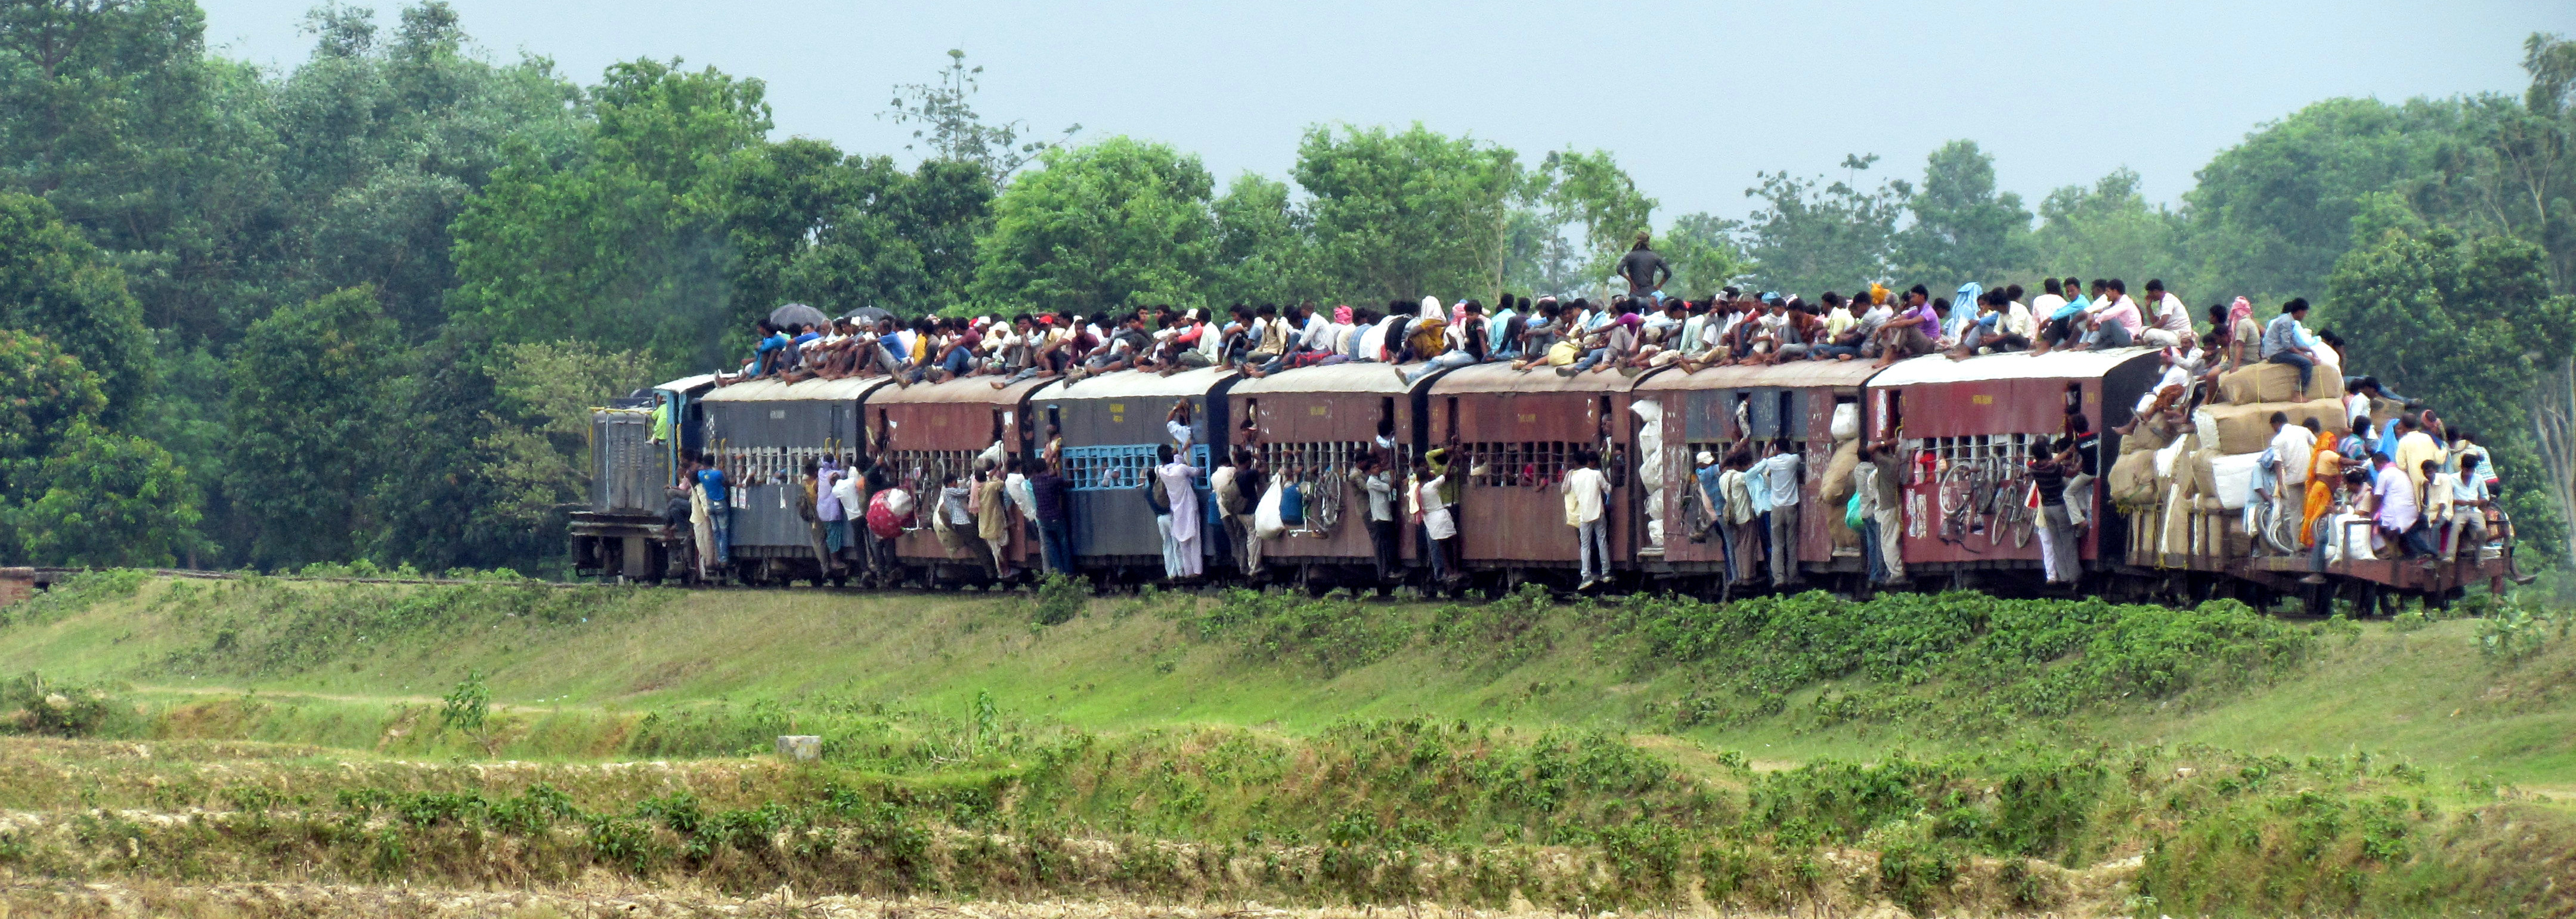 На государственной железной дороге должна быть конкуренция - нужны частные операторы локомотивов и поездов, - Омелян - Цензор.НЕТ 8417